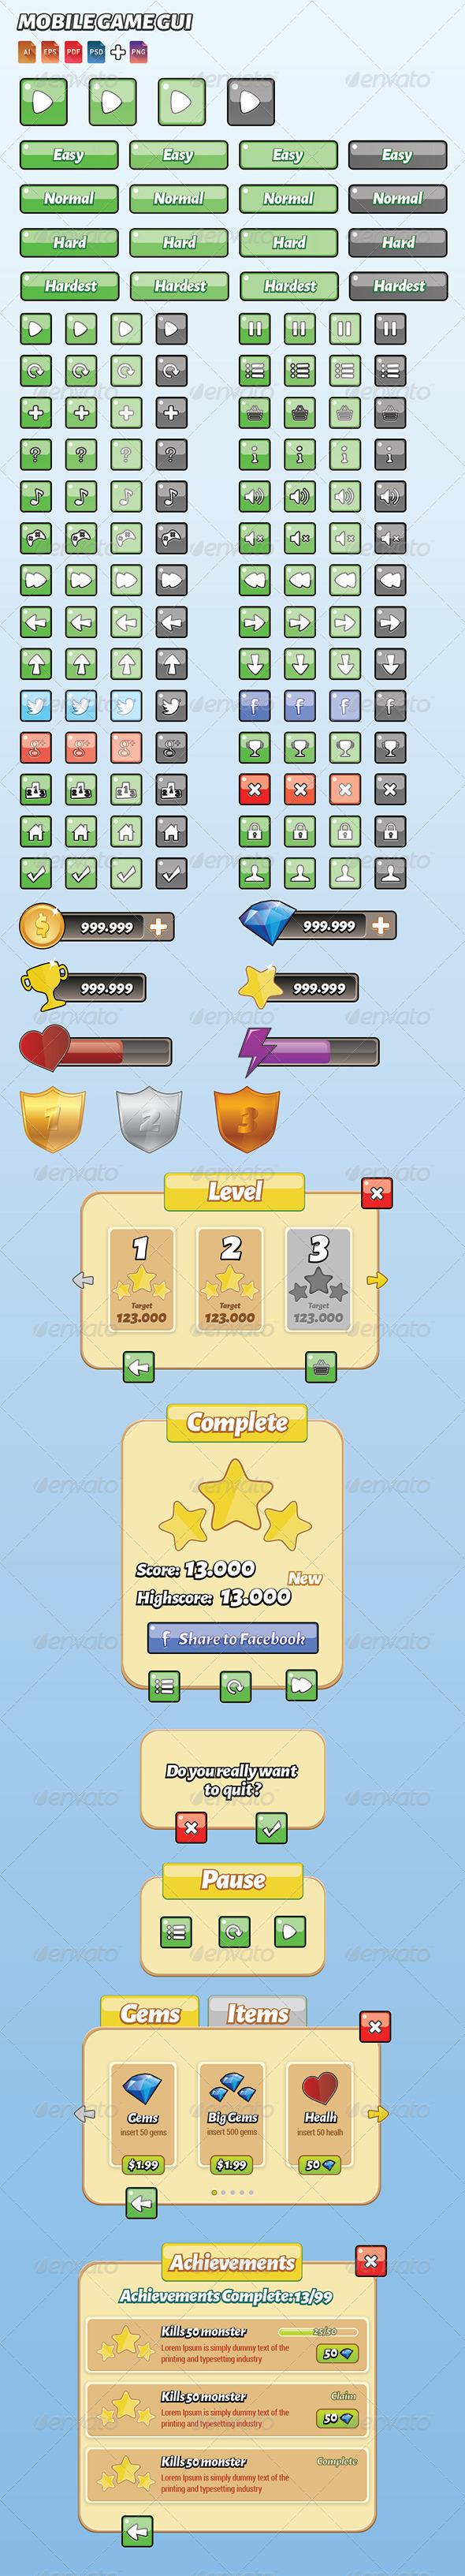 GraphicRiver Mobile Game Gui Full 7225672